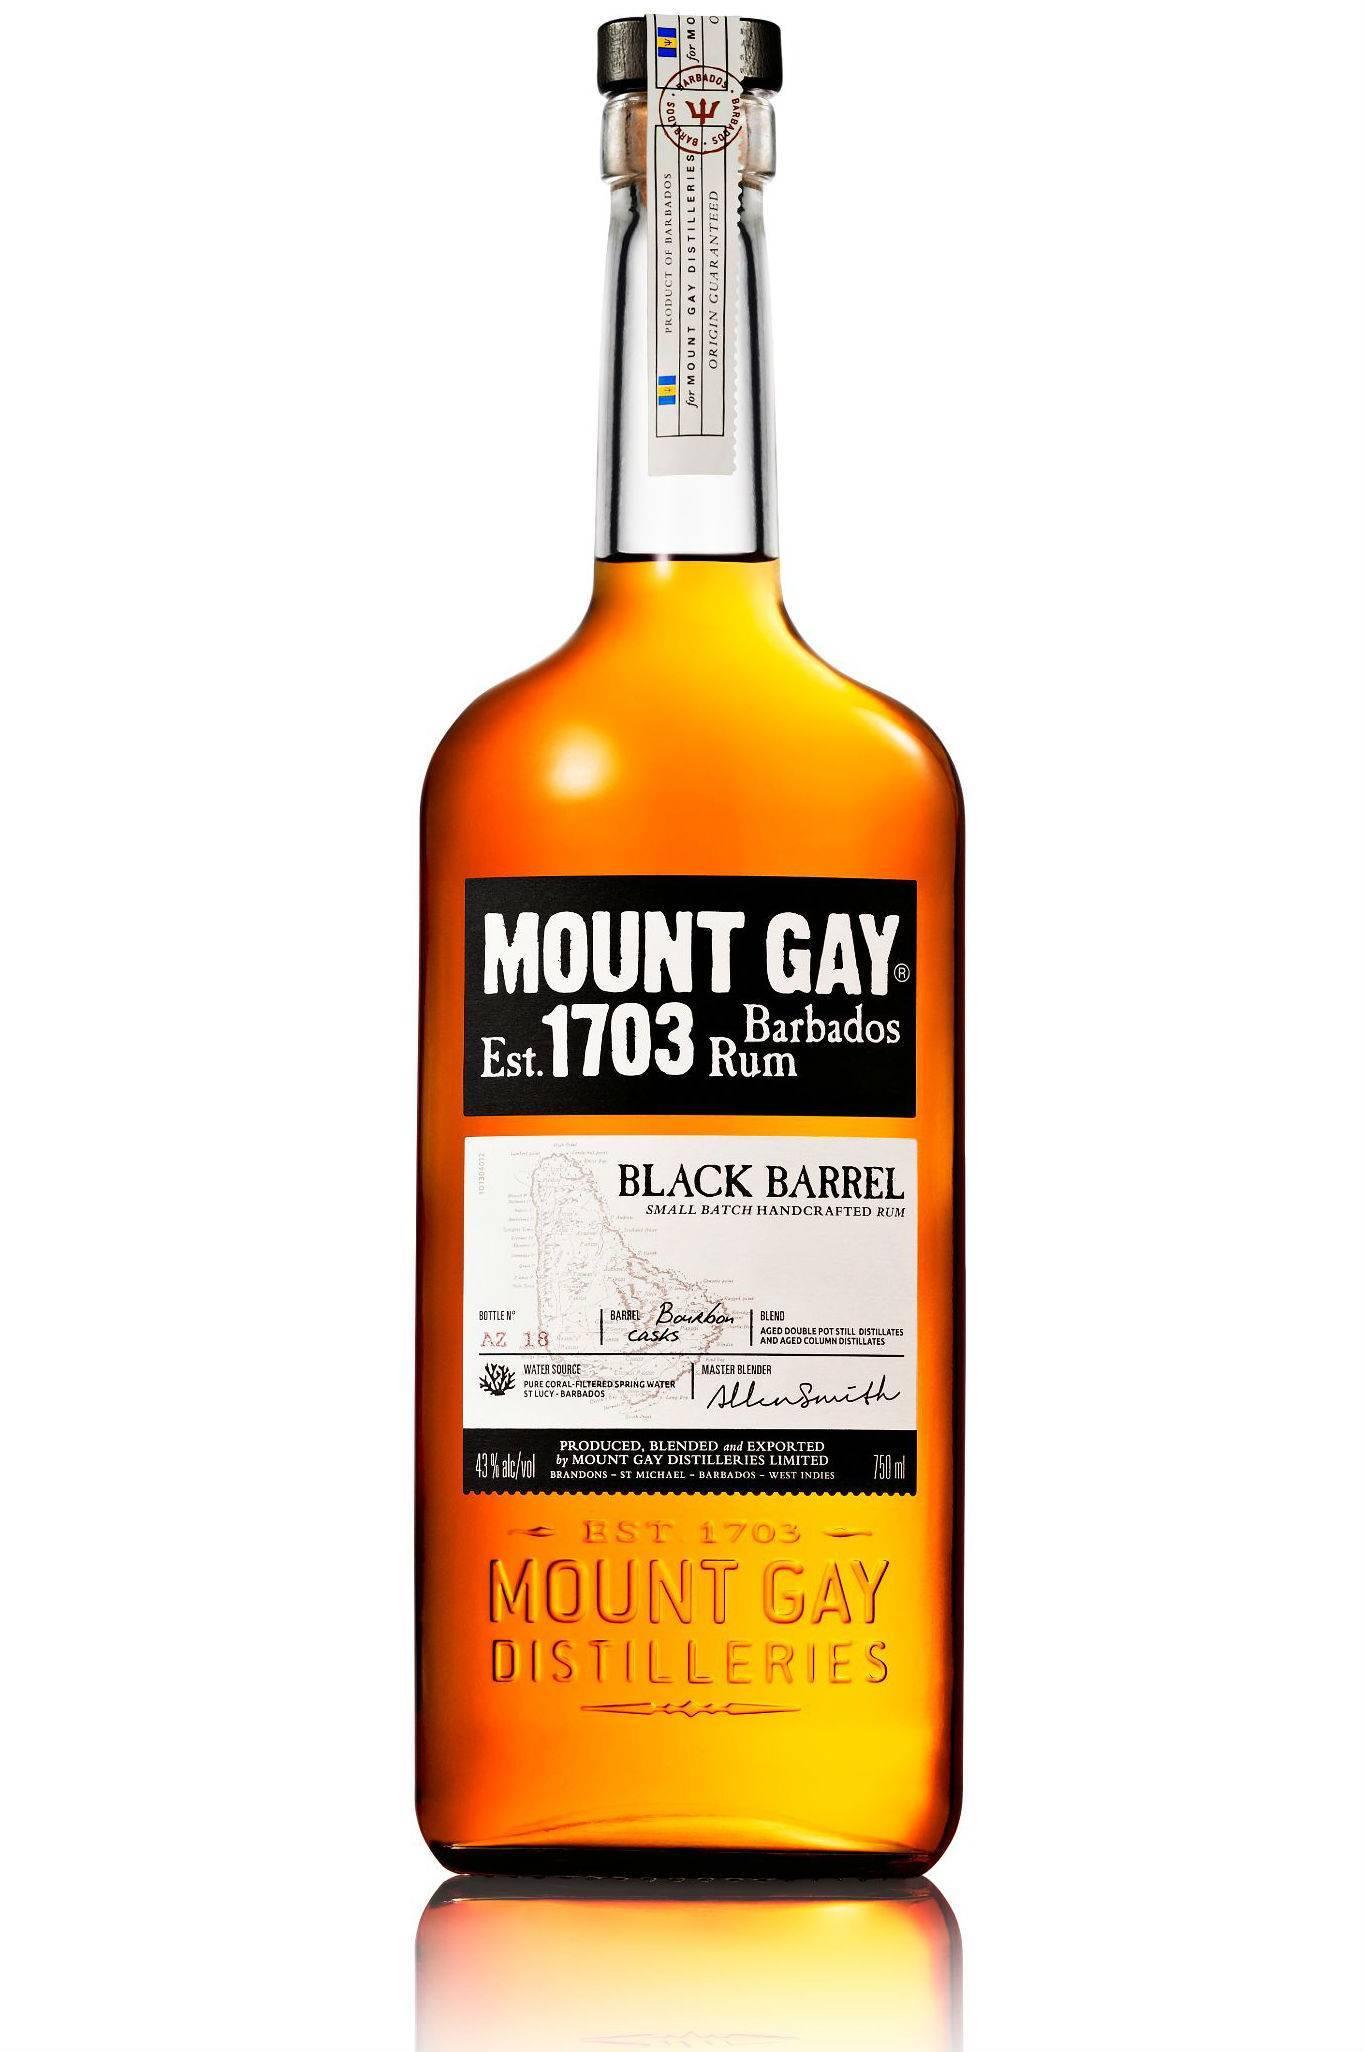 Ром маунт гай (mount gay) – описание, история и виды марки